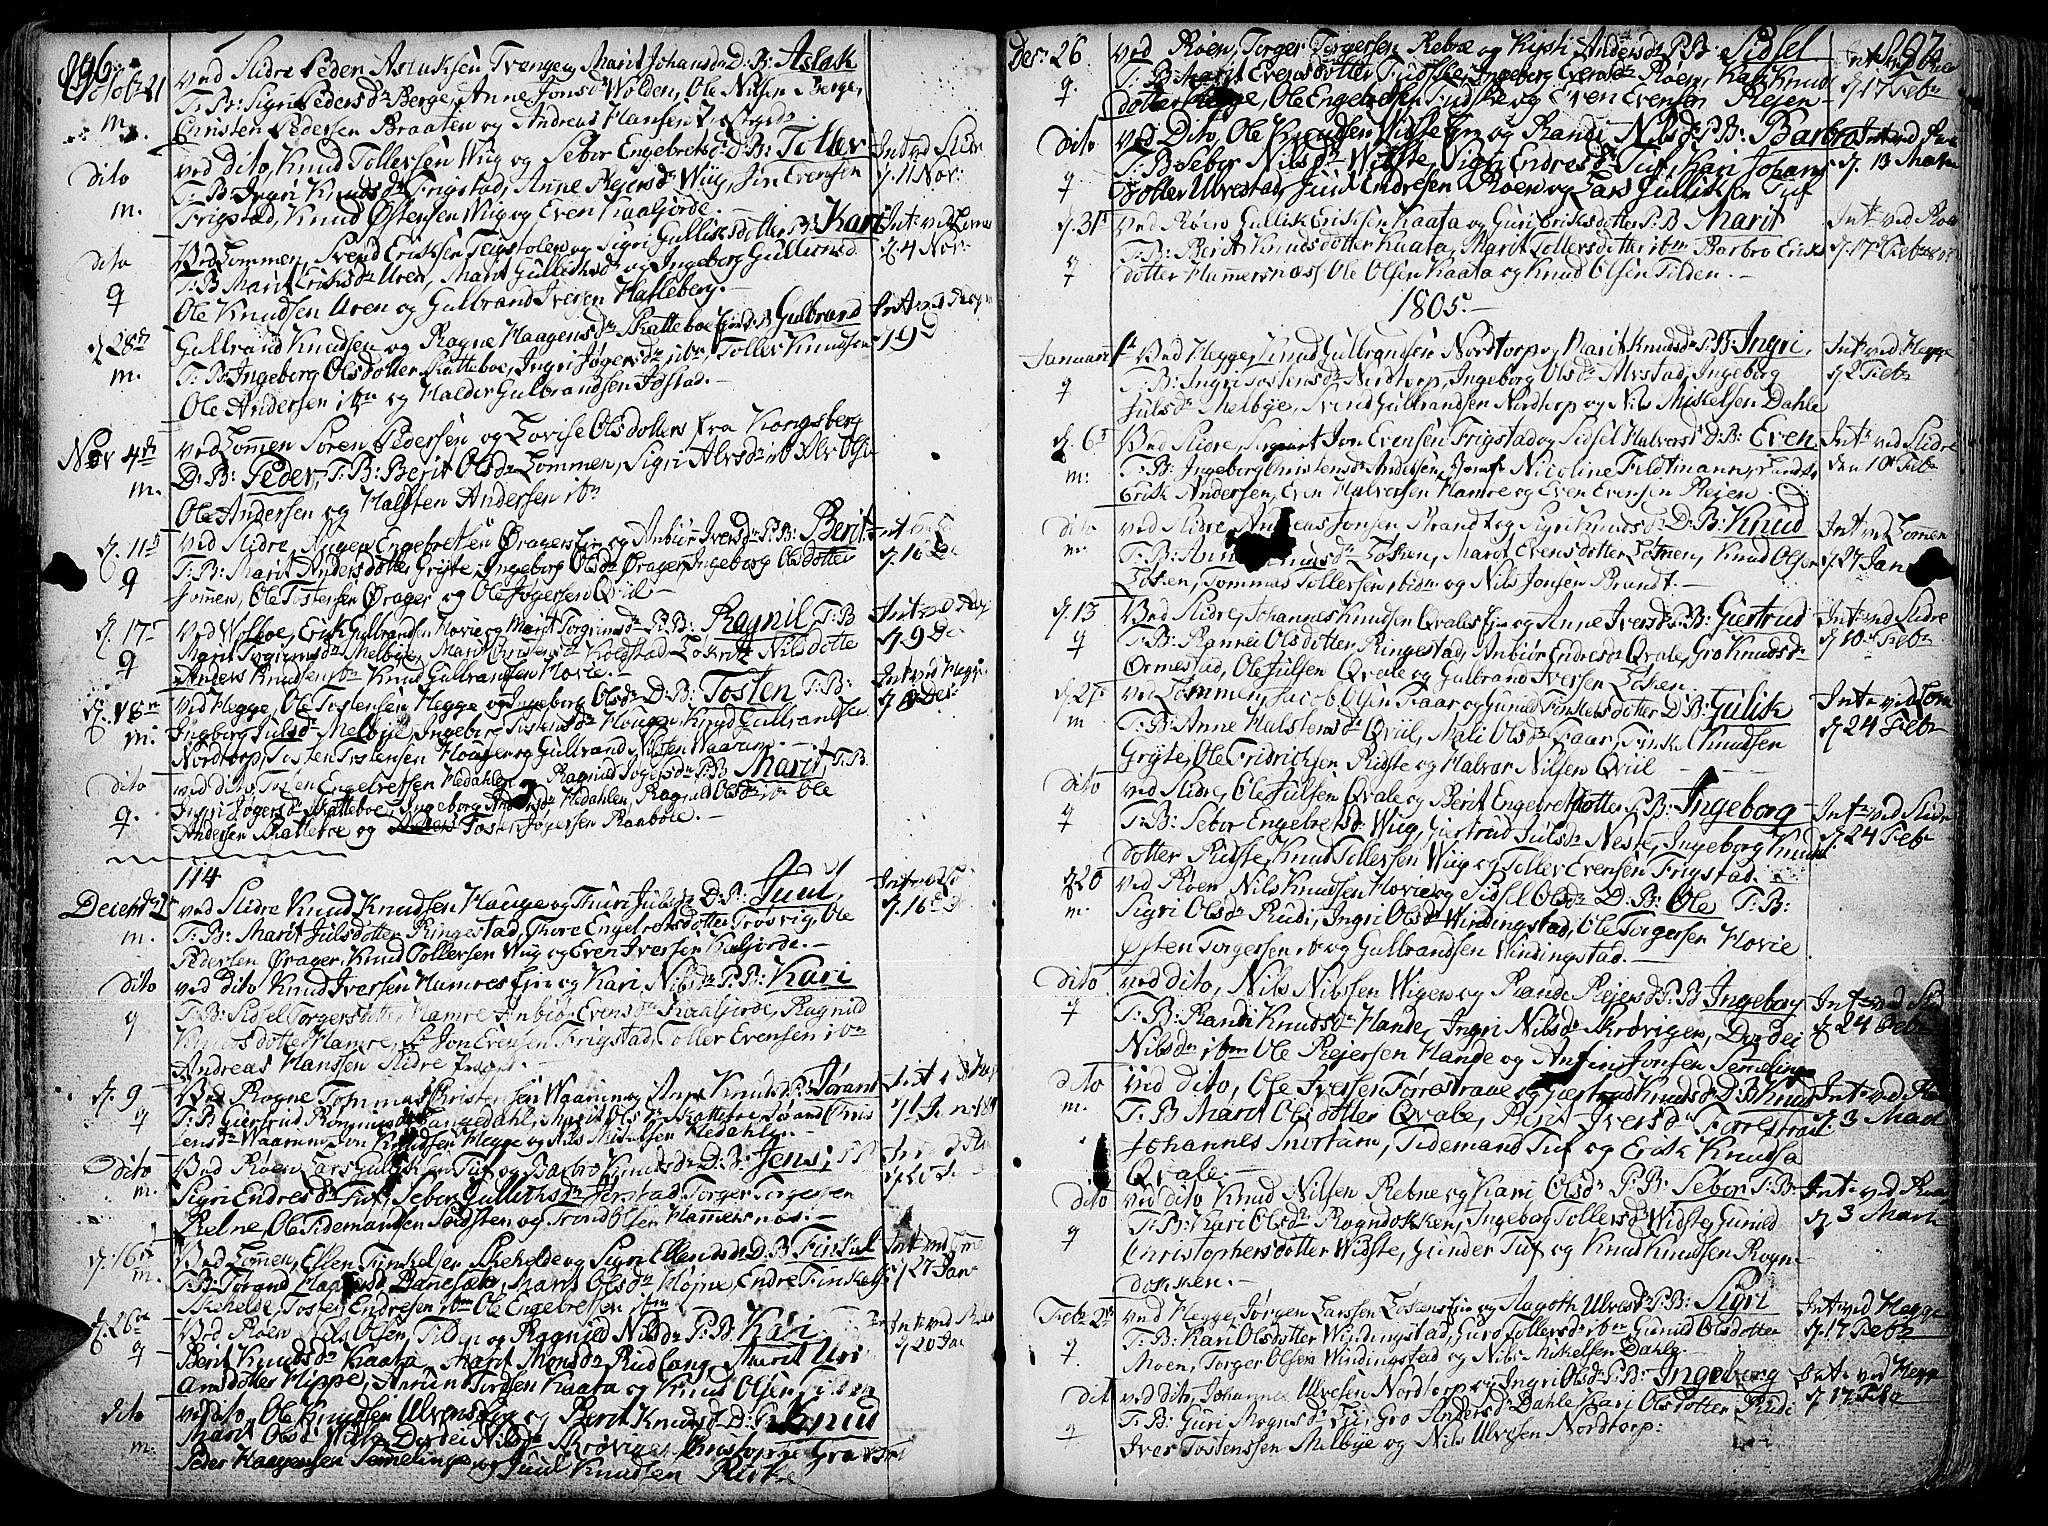 SAH, Slidre prestekontor, Ministerialbok nr. 1, 1724-1814, s. 896-897